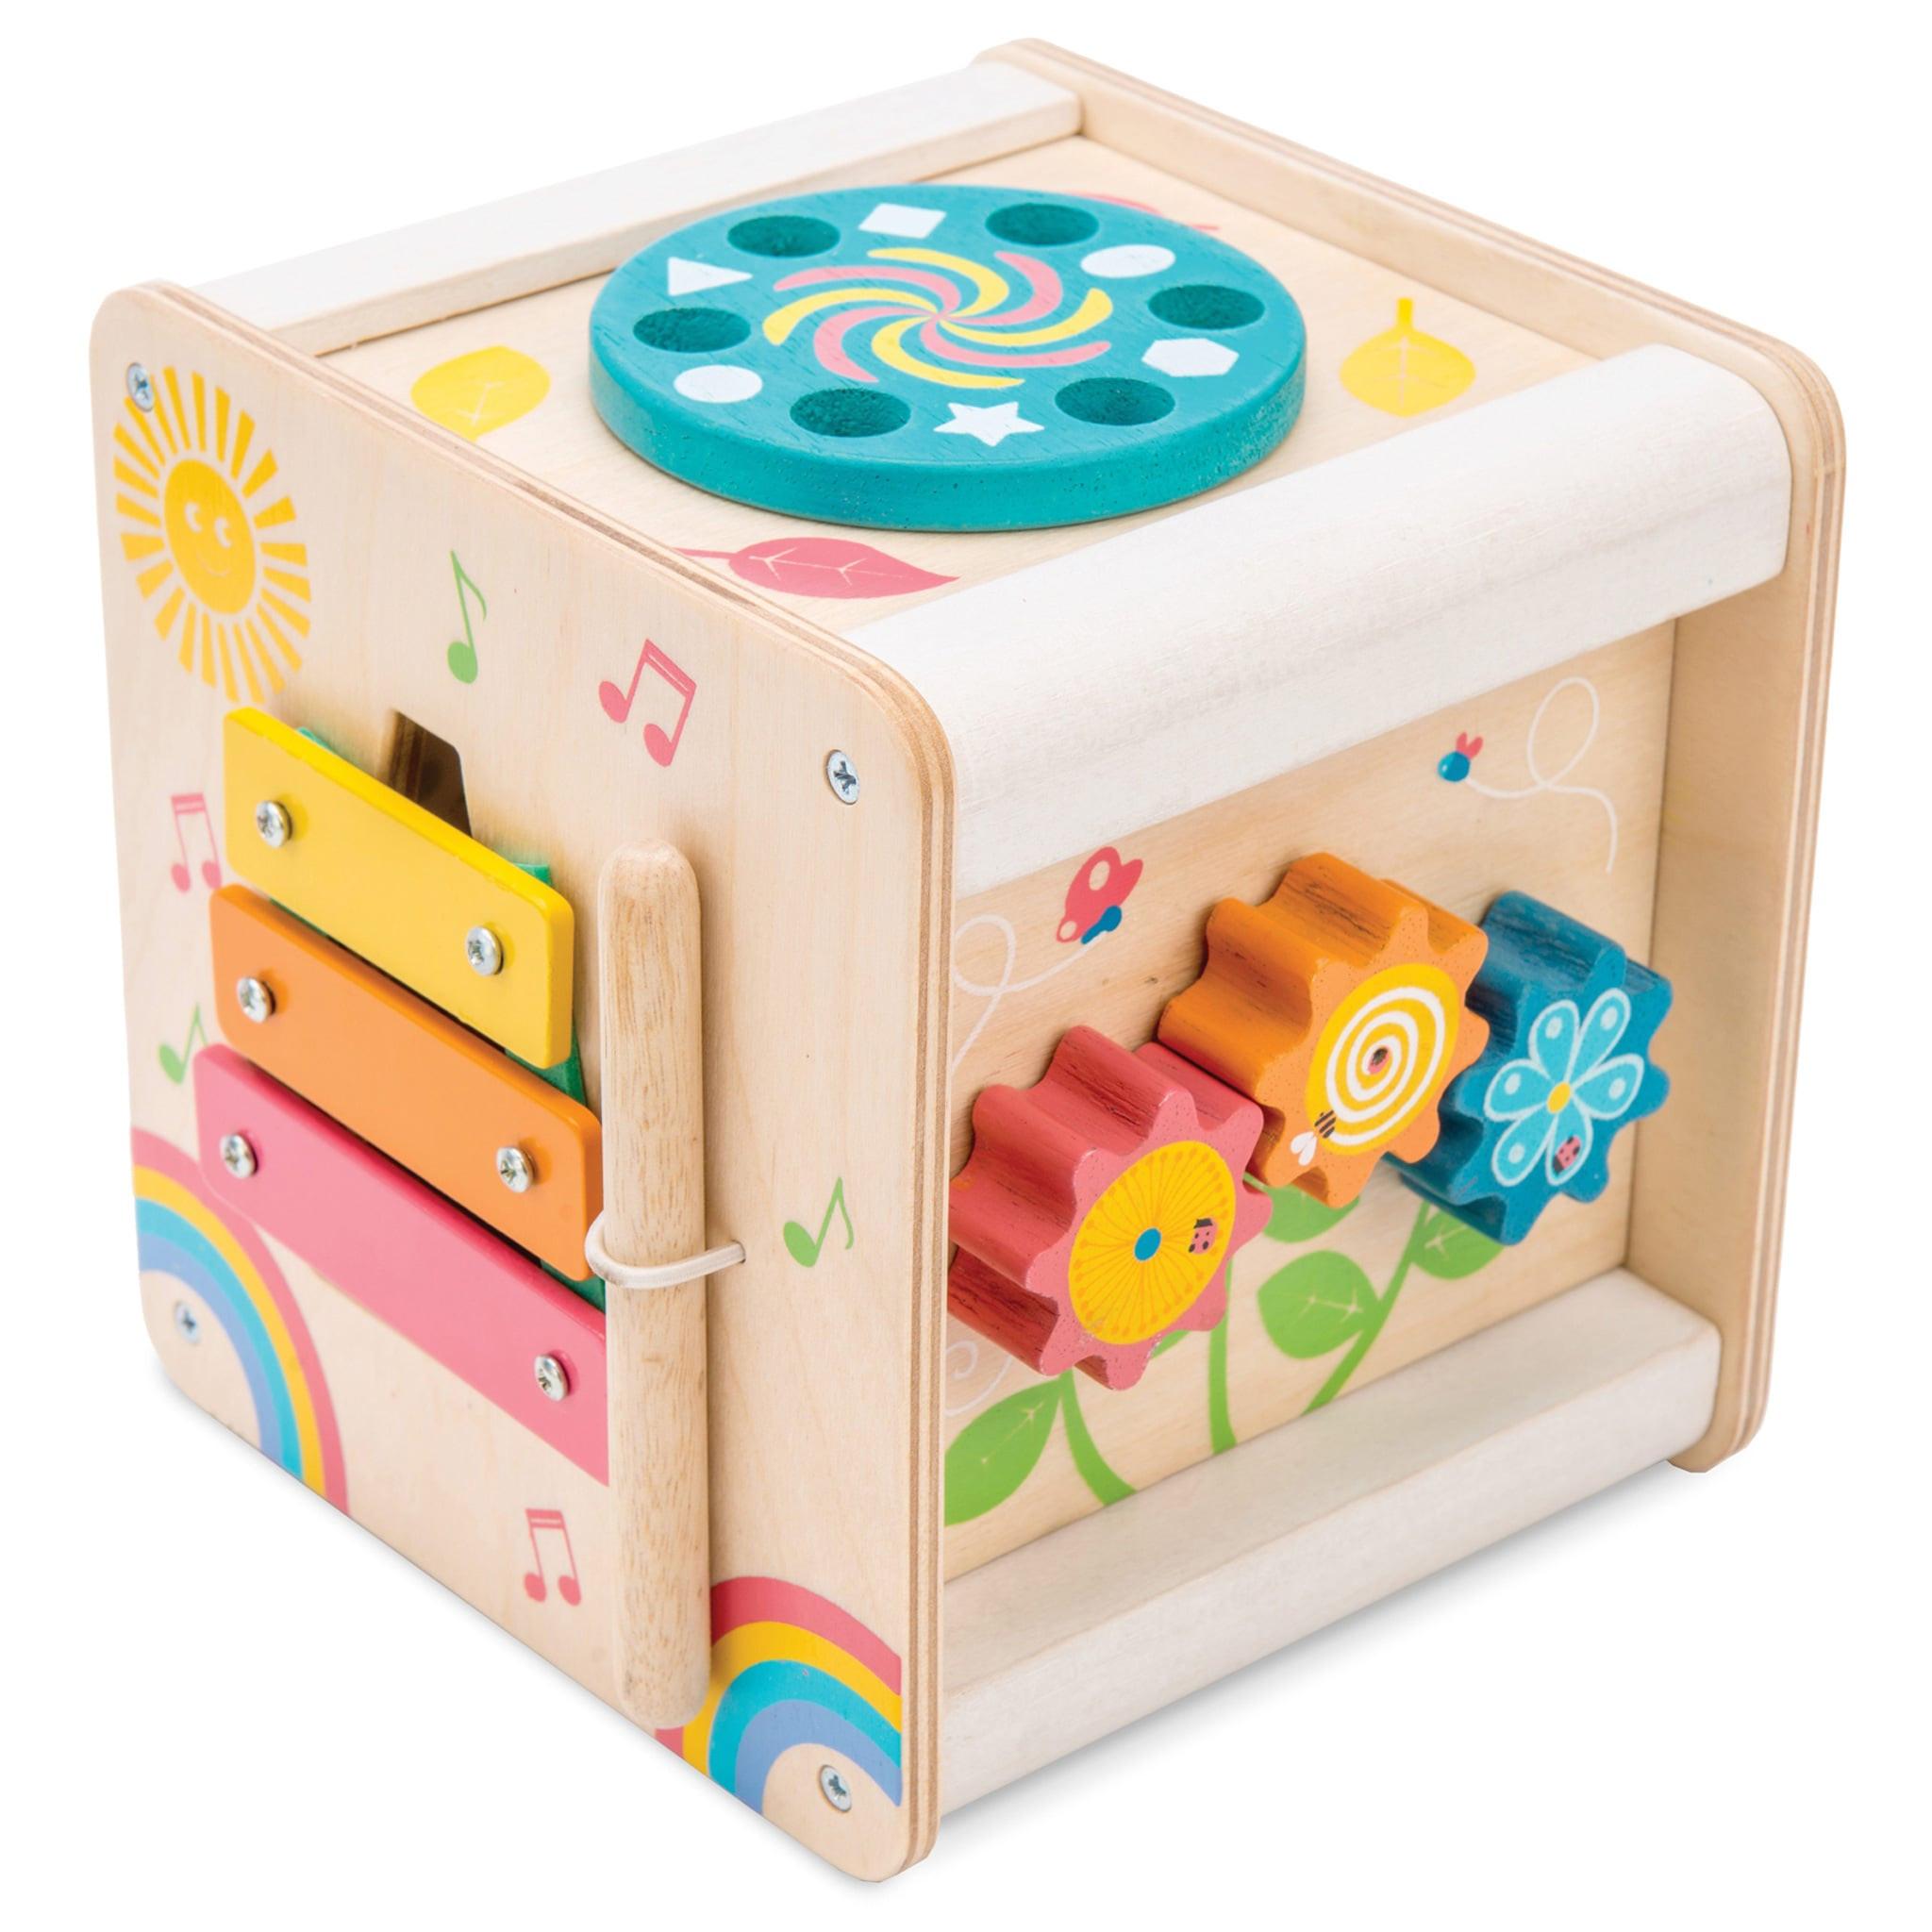 Cubo Prime Attività Le Toy Van